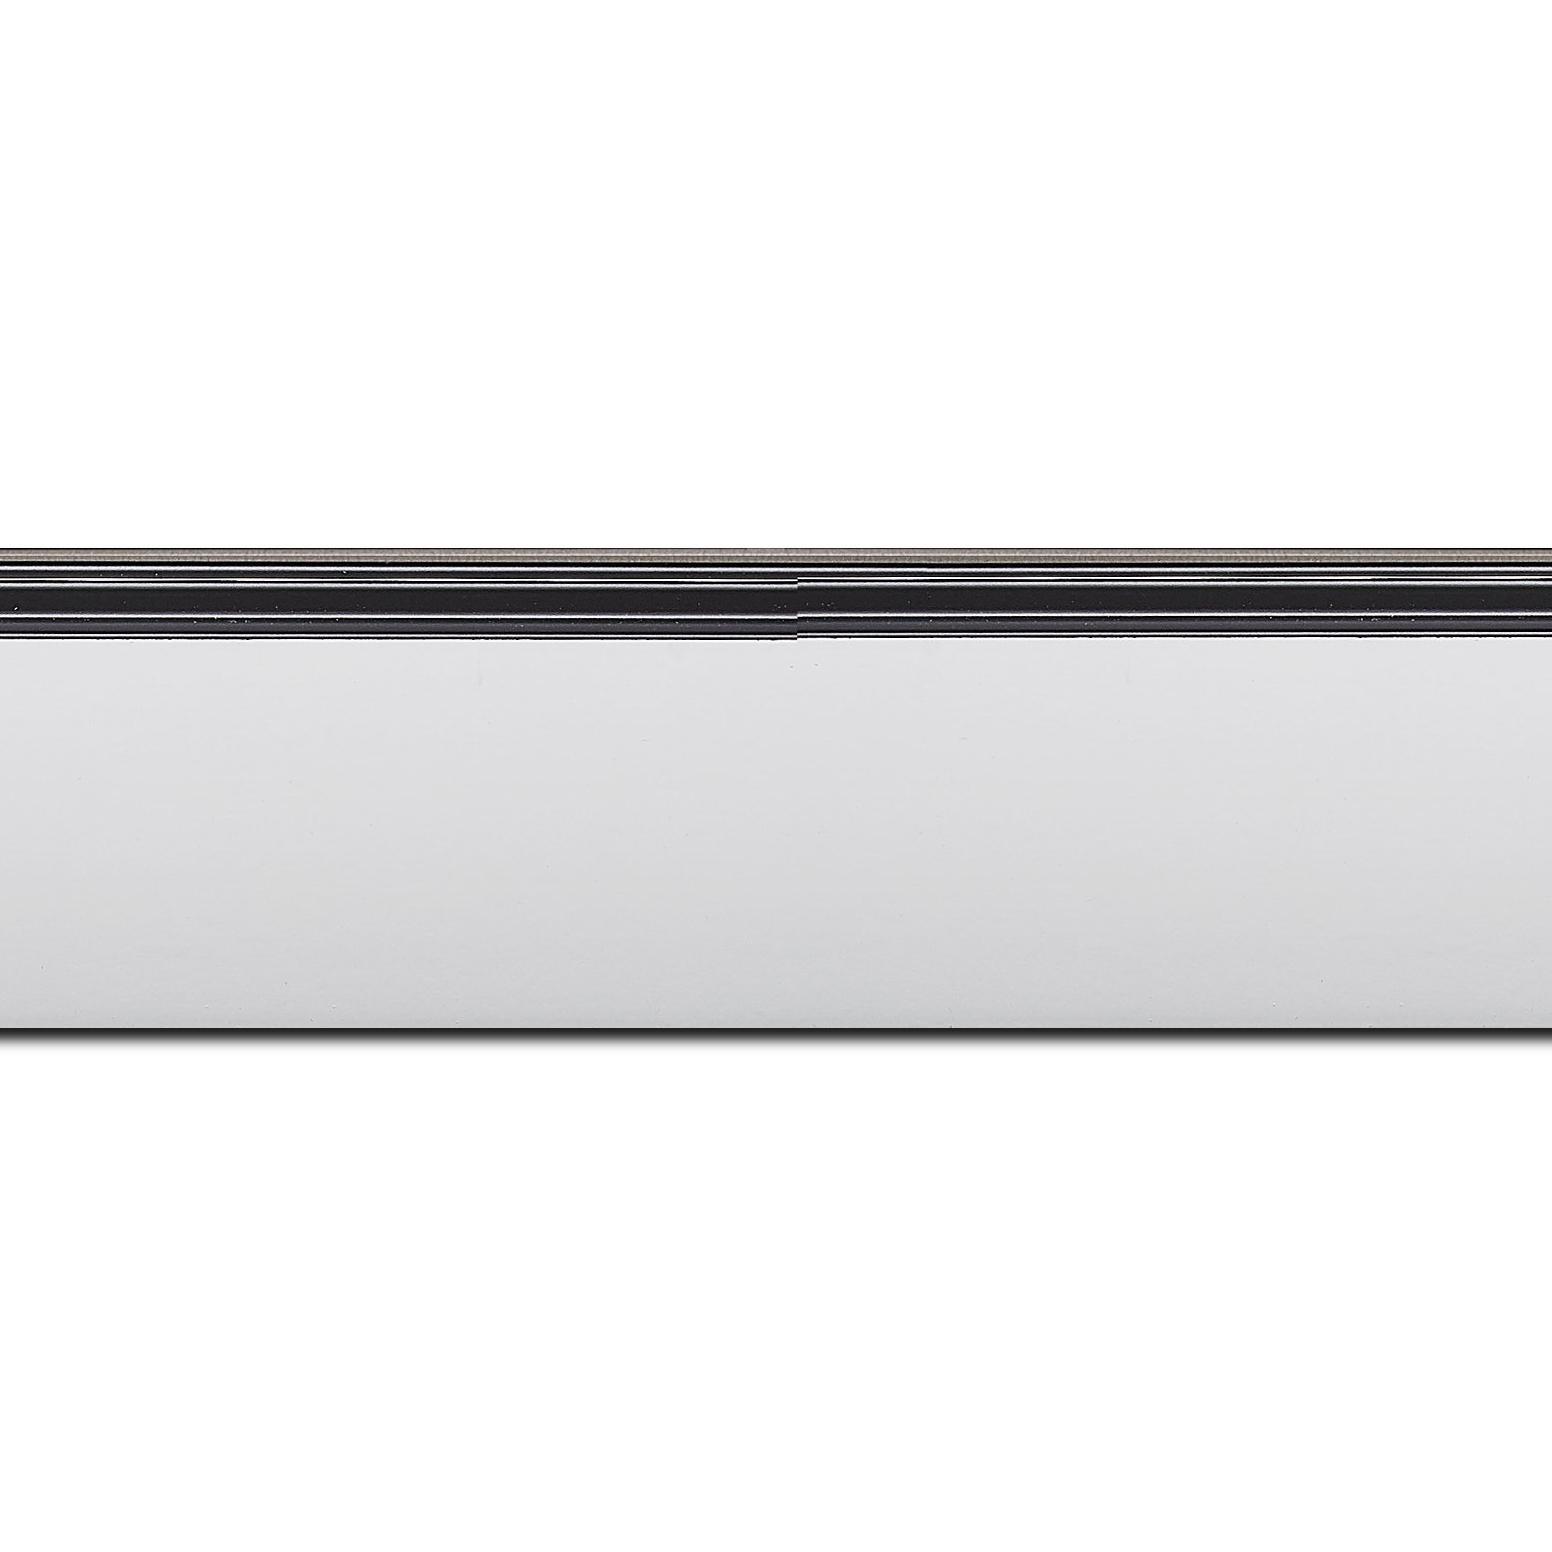 Pack par 12m, bois profil en pente méplat largeur 4.8cm couleur blanc mat surligné par une gorge extérieure noire : originalité et élégance assurée (longueur baguette pouvant varier entre 2.40m et 3m selon arrivage des bois)